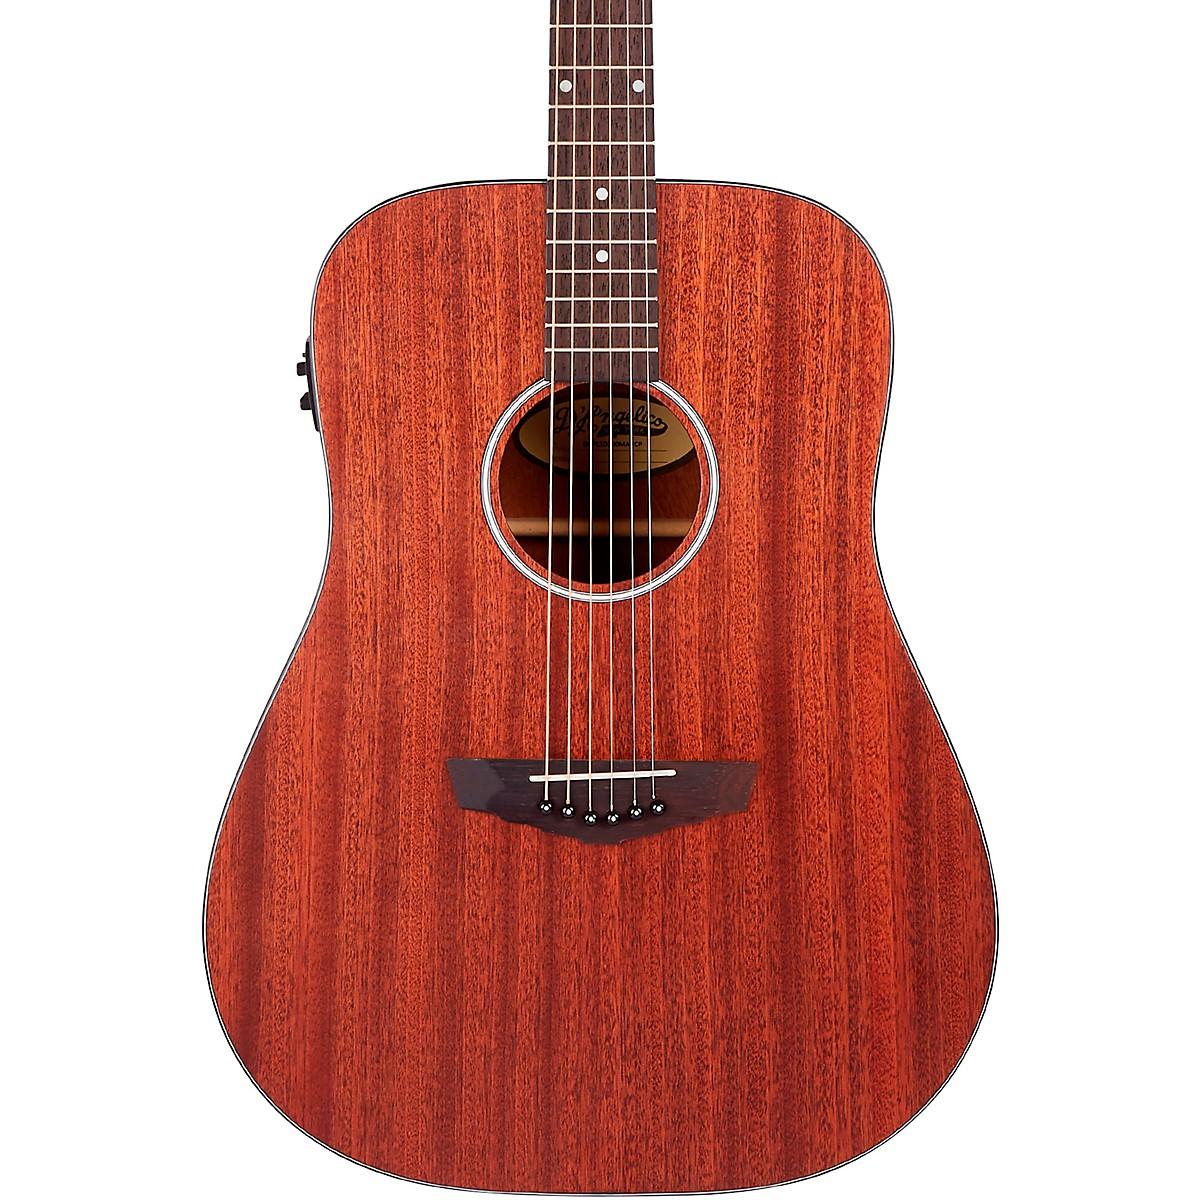 D'Angelico Premier Series Lexington LS Dreadnought Acoustic-Electric Guitar